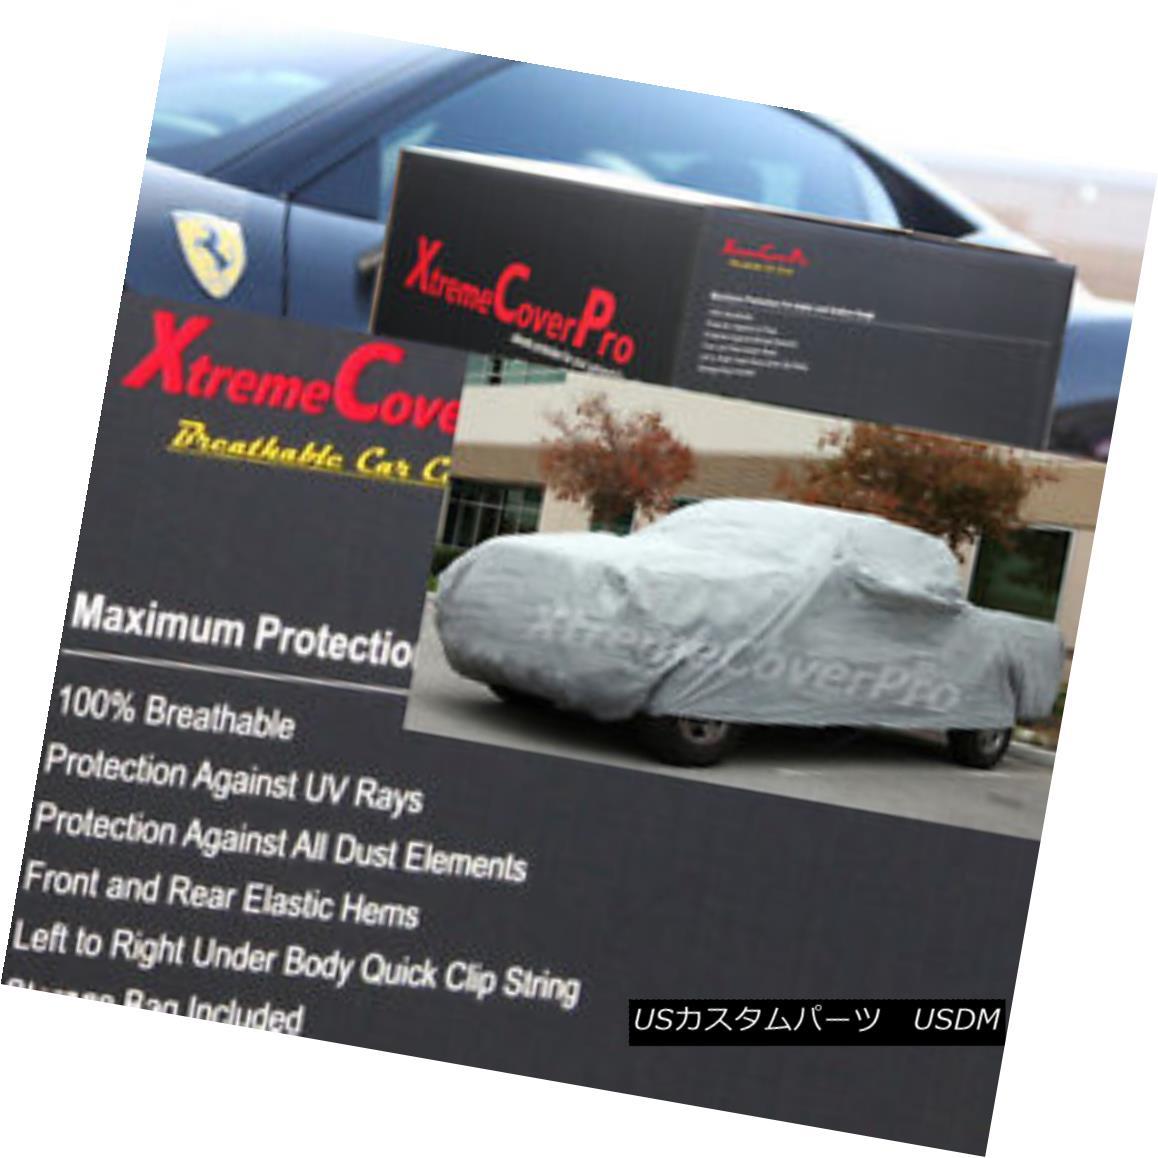 カーカバー 2001 2002 2003 Ford F-150 SuperCrew 6.5ft short Bed Breathable Truck Cover 2001 2002 2003 Ford F-150 SuperCrew 6.5ftショートベッド通気性トラックカバー